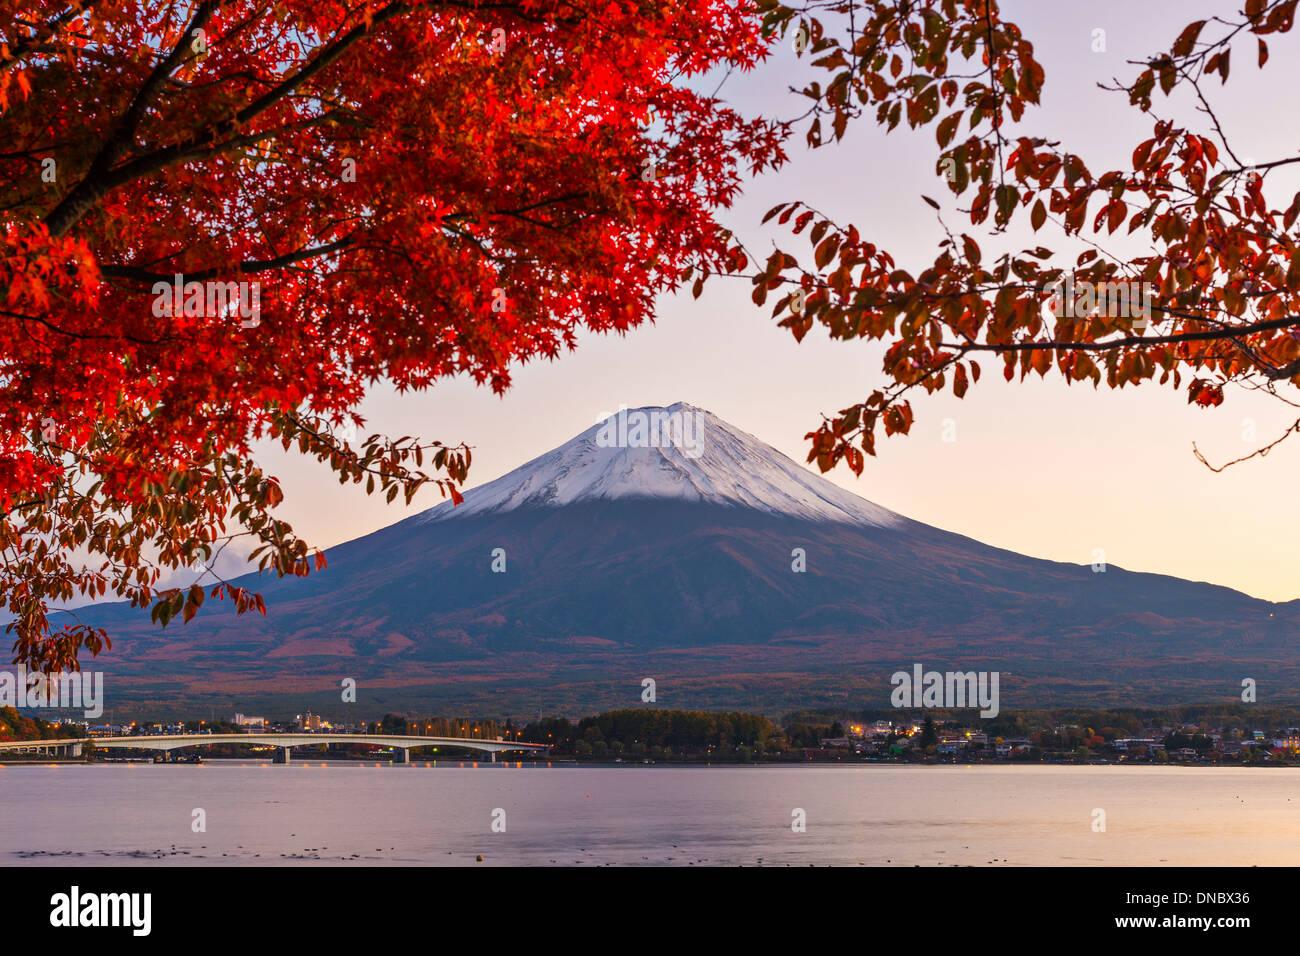 Mt. Fuji avec feuillage d'automne au Japon. Photo Stock